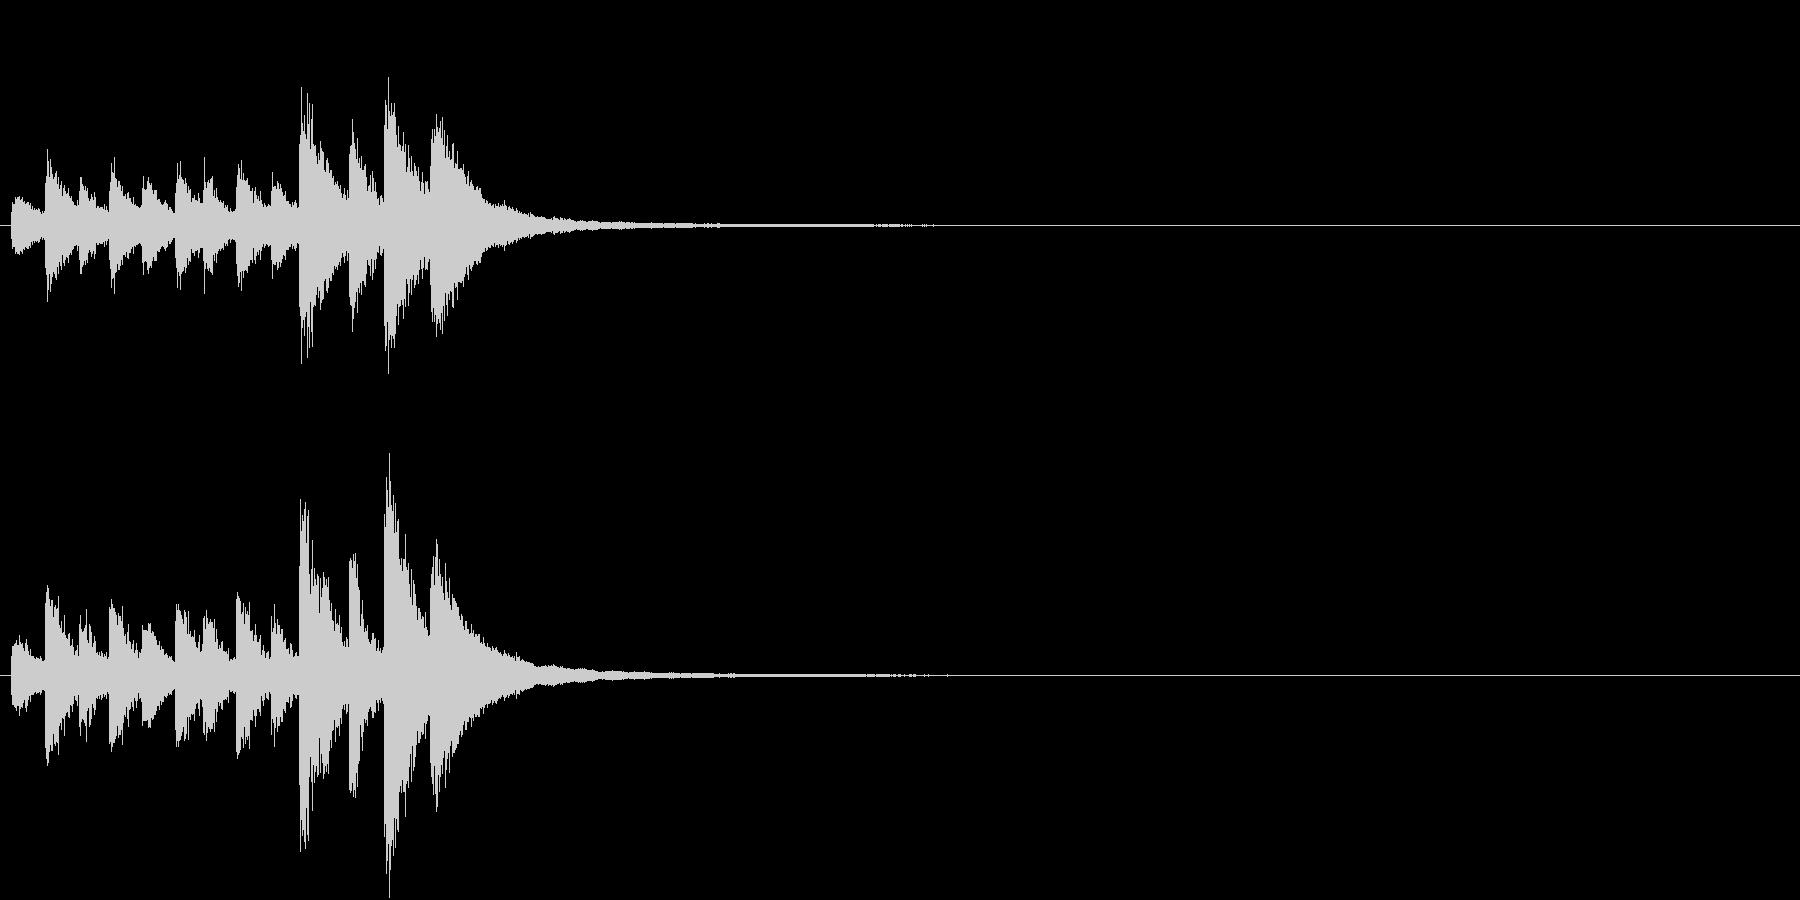 音侍「チチチ…」お囃子祭り当り鉦の連打音の未再生の波形